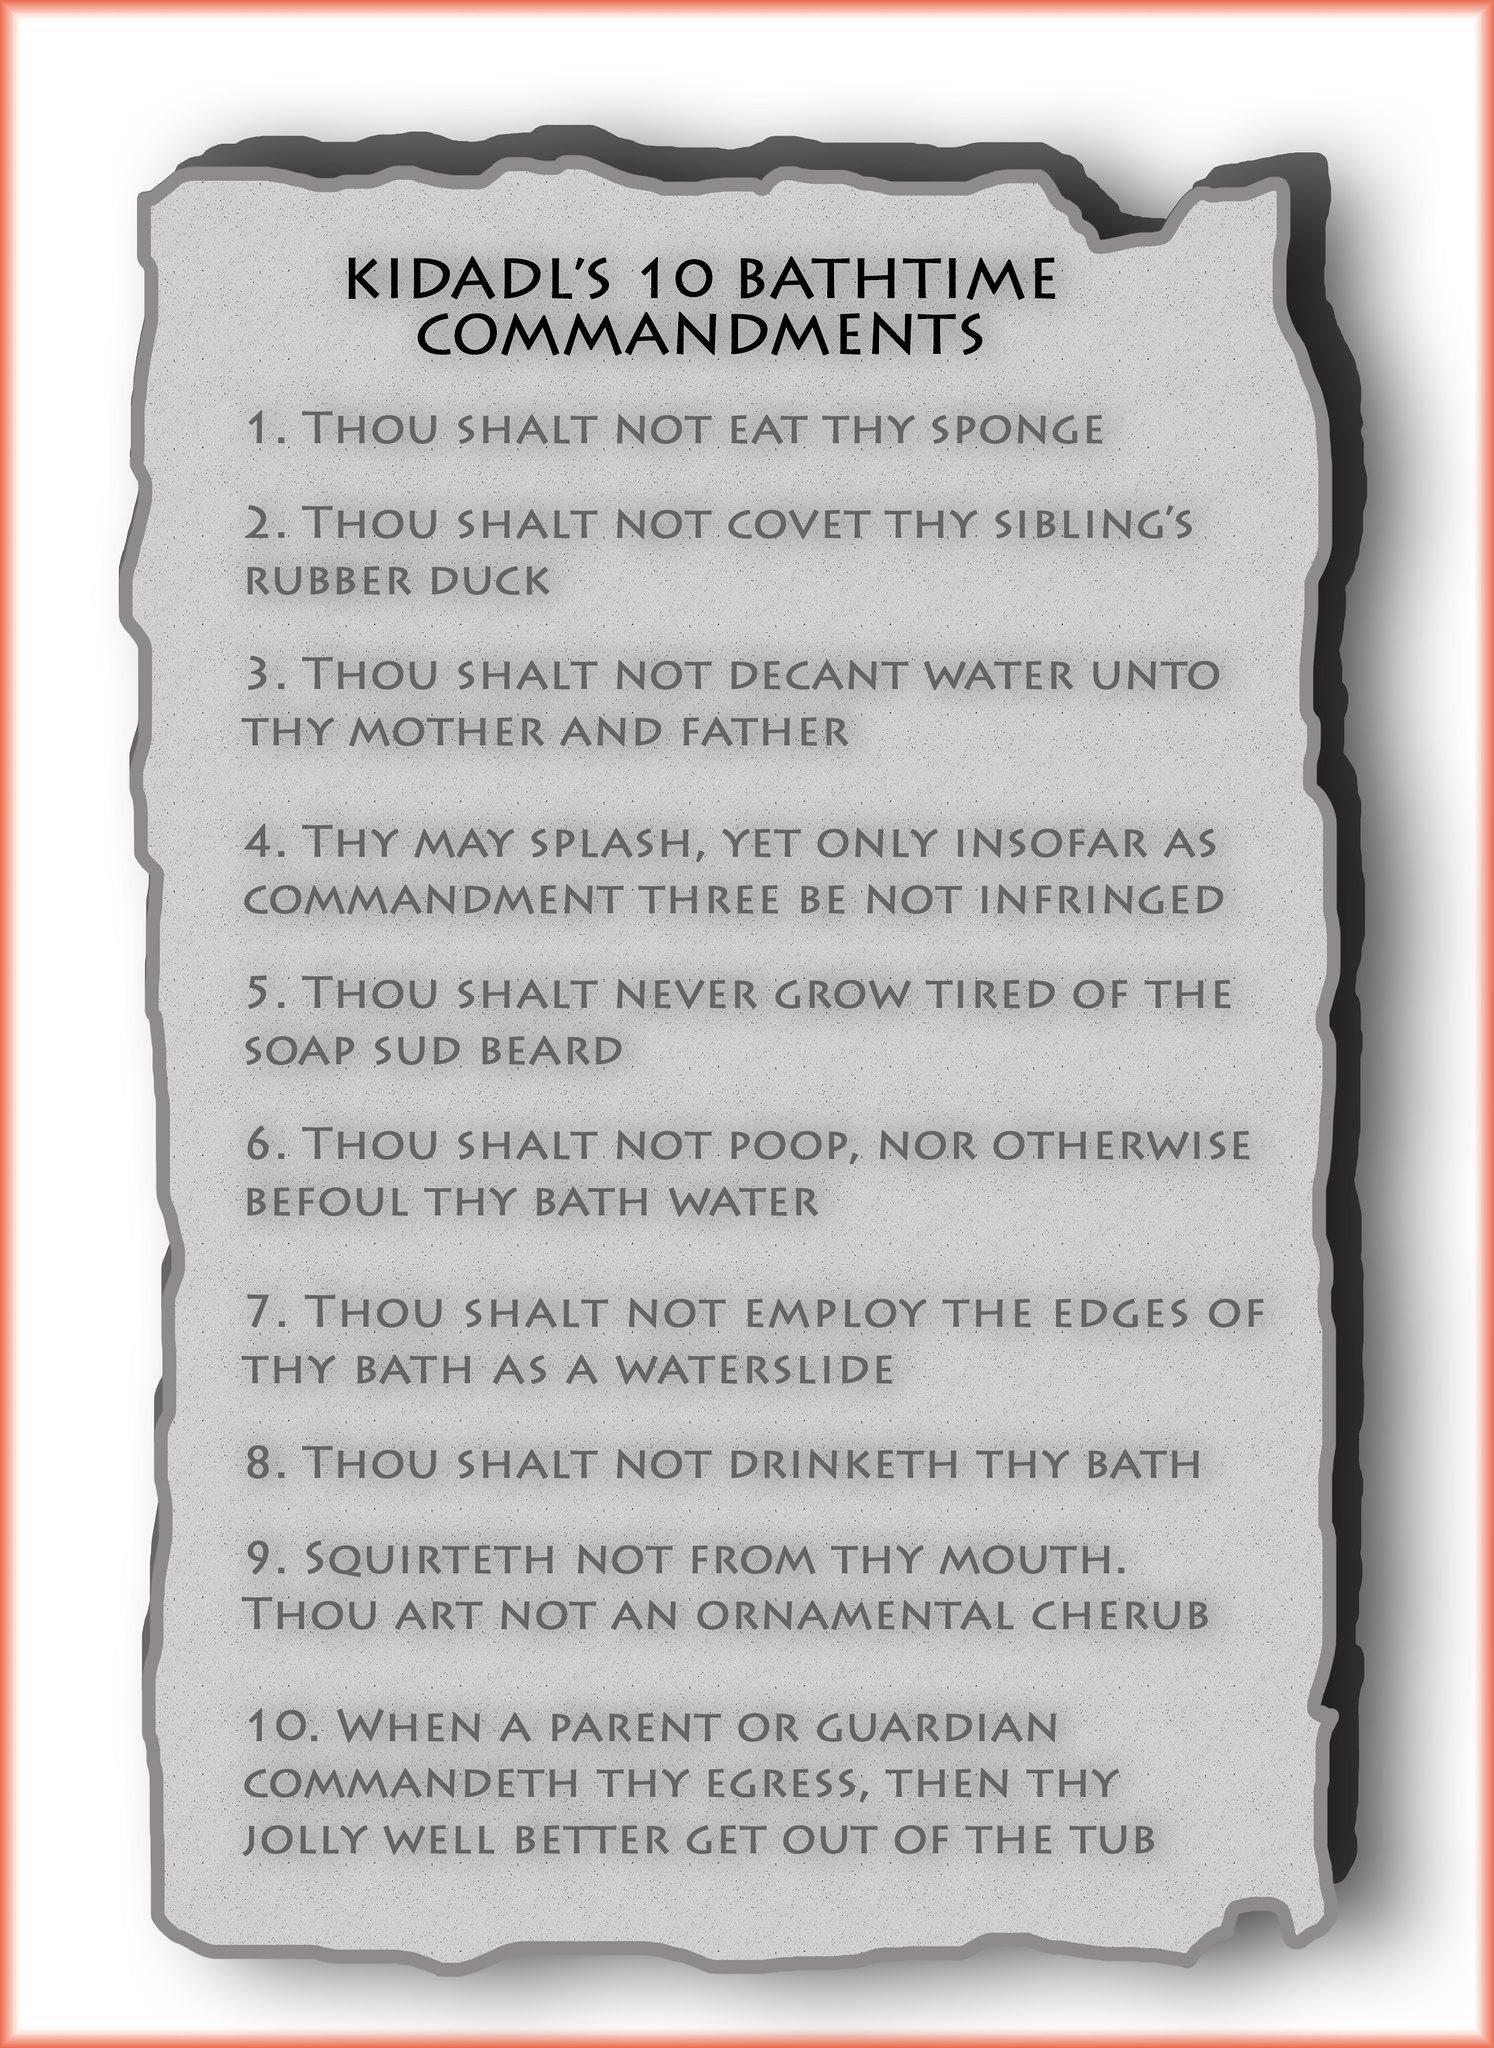 Kidadl's 10 bathtime commandments